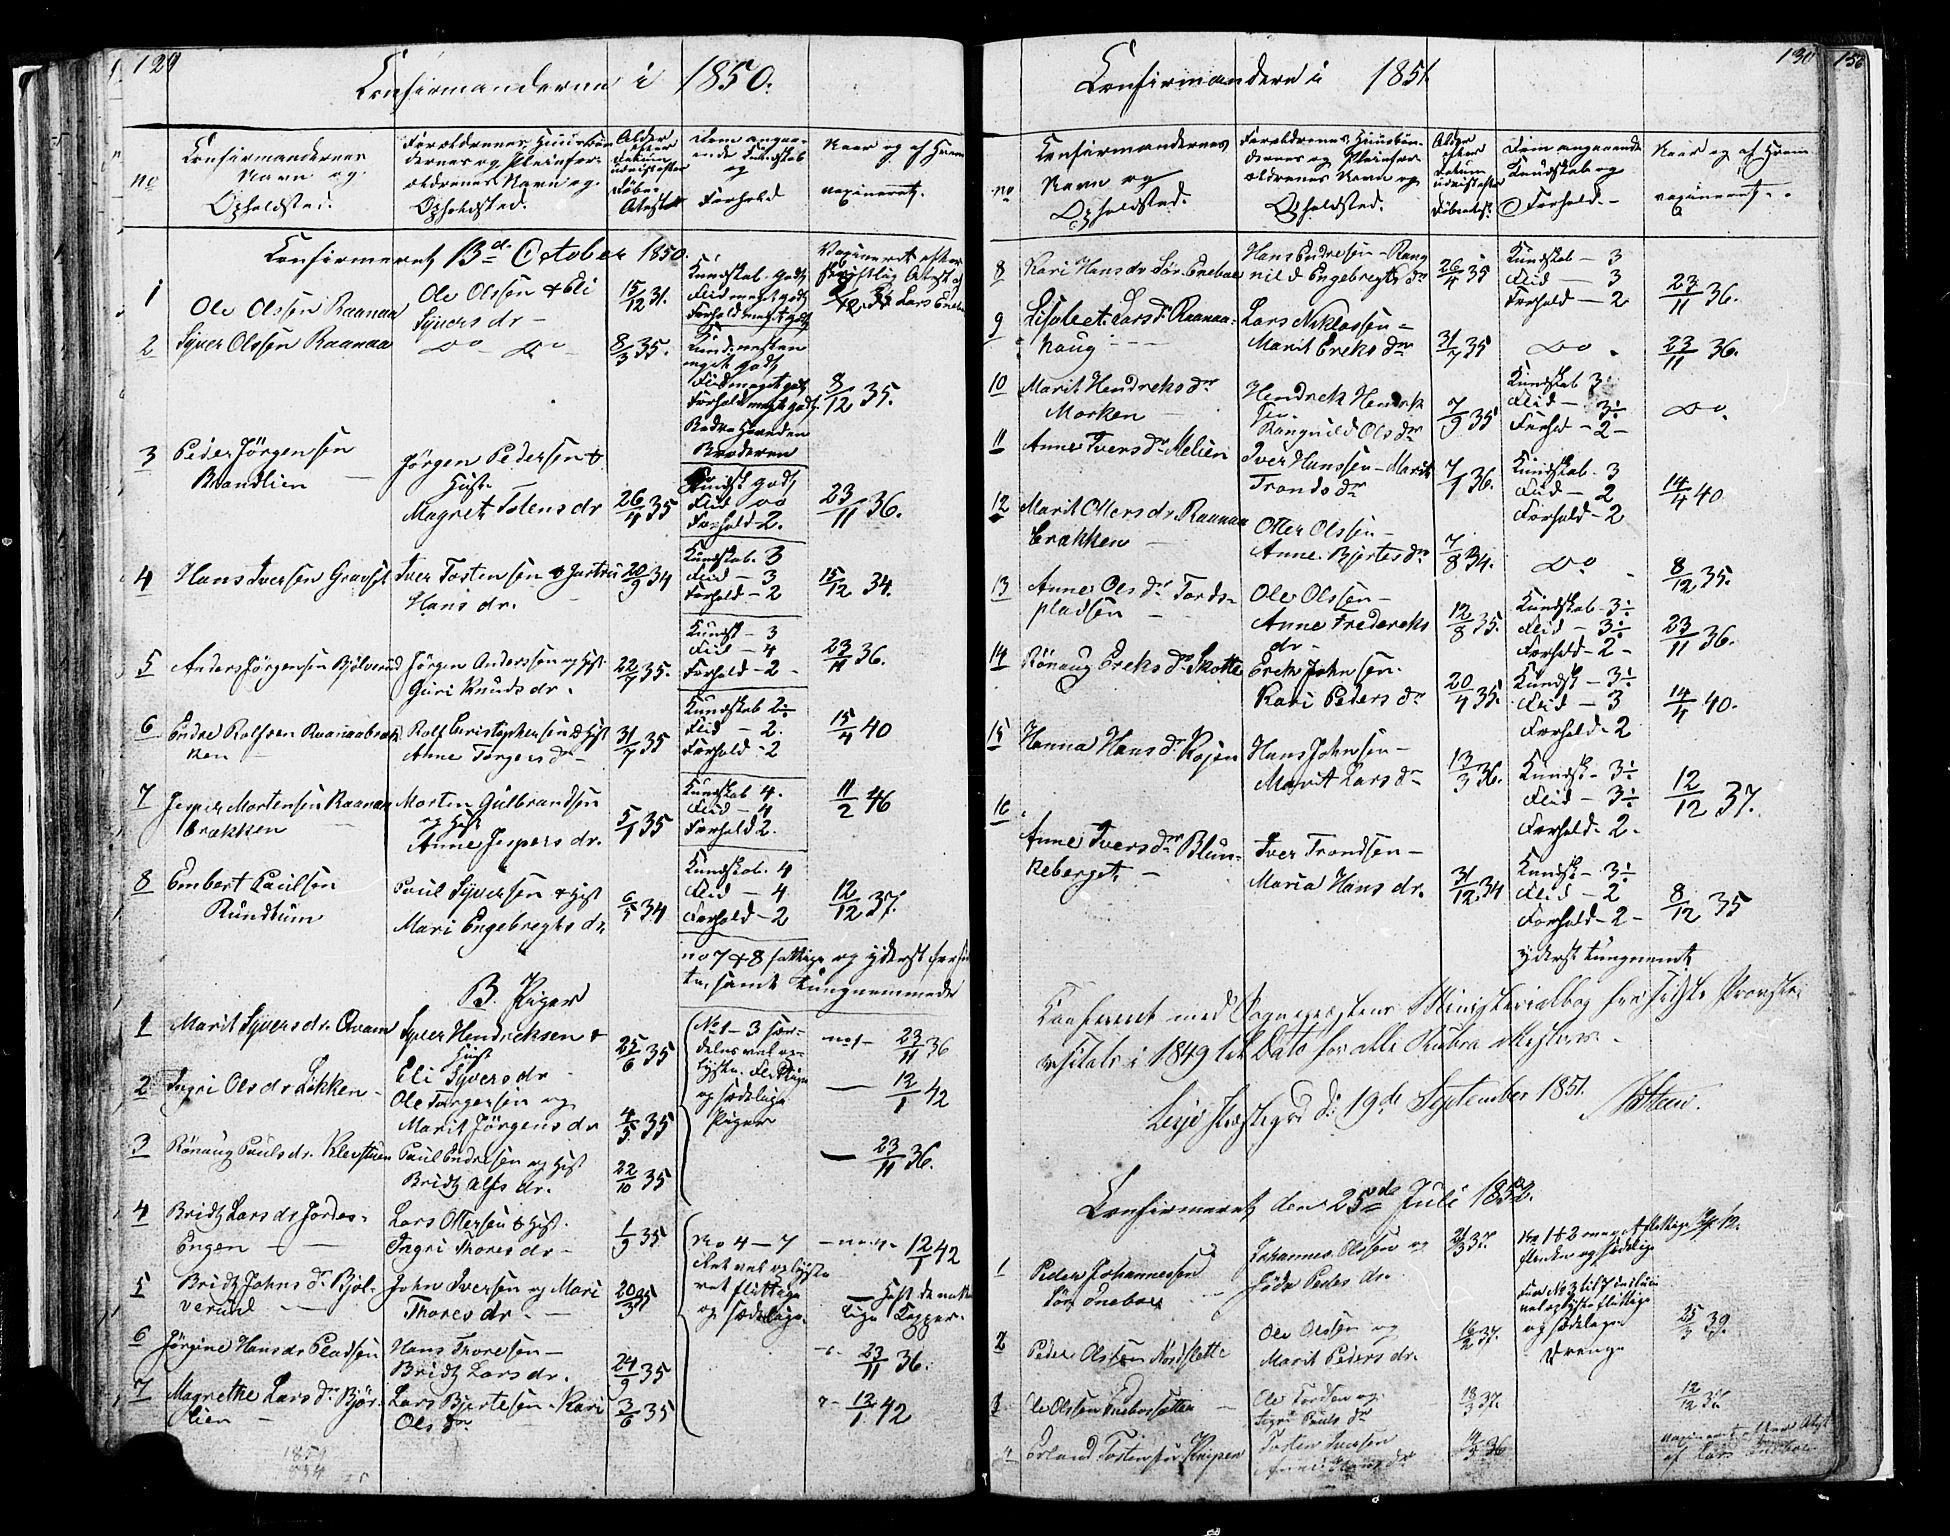 SAH, Lesja prestekontor, Parish register (copy) no. 4, 1842-1871, p. 129-130